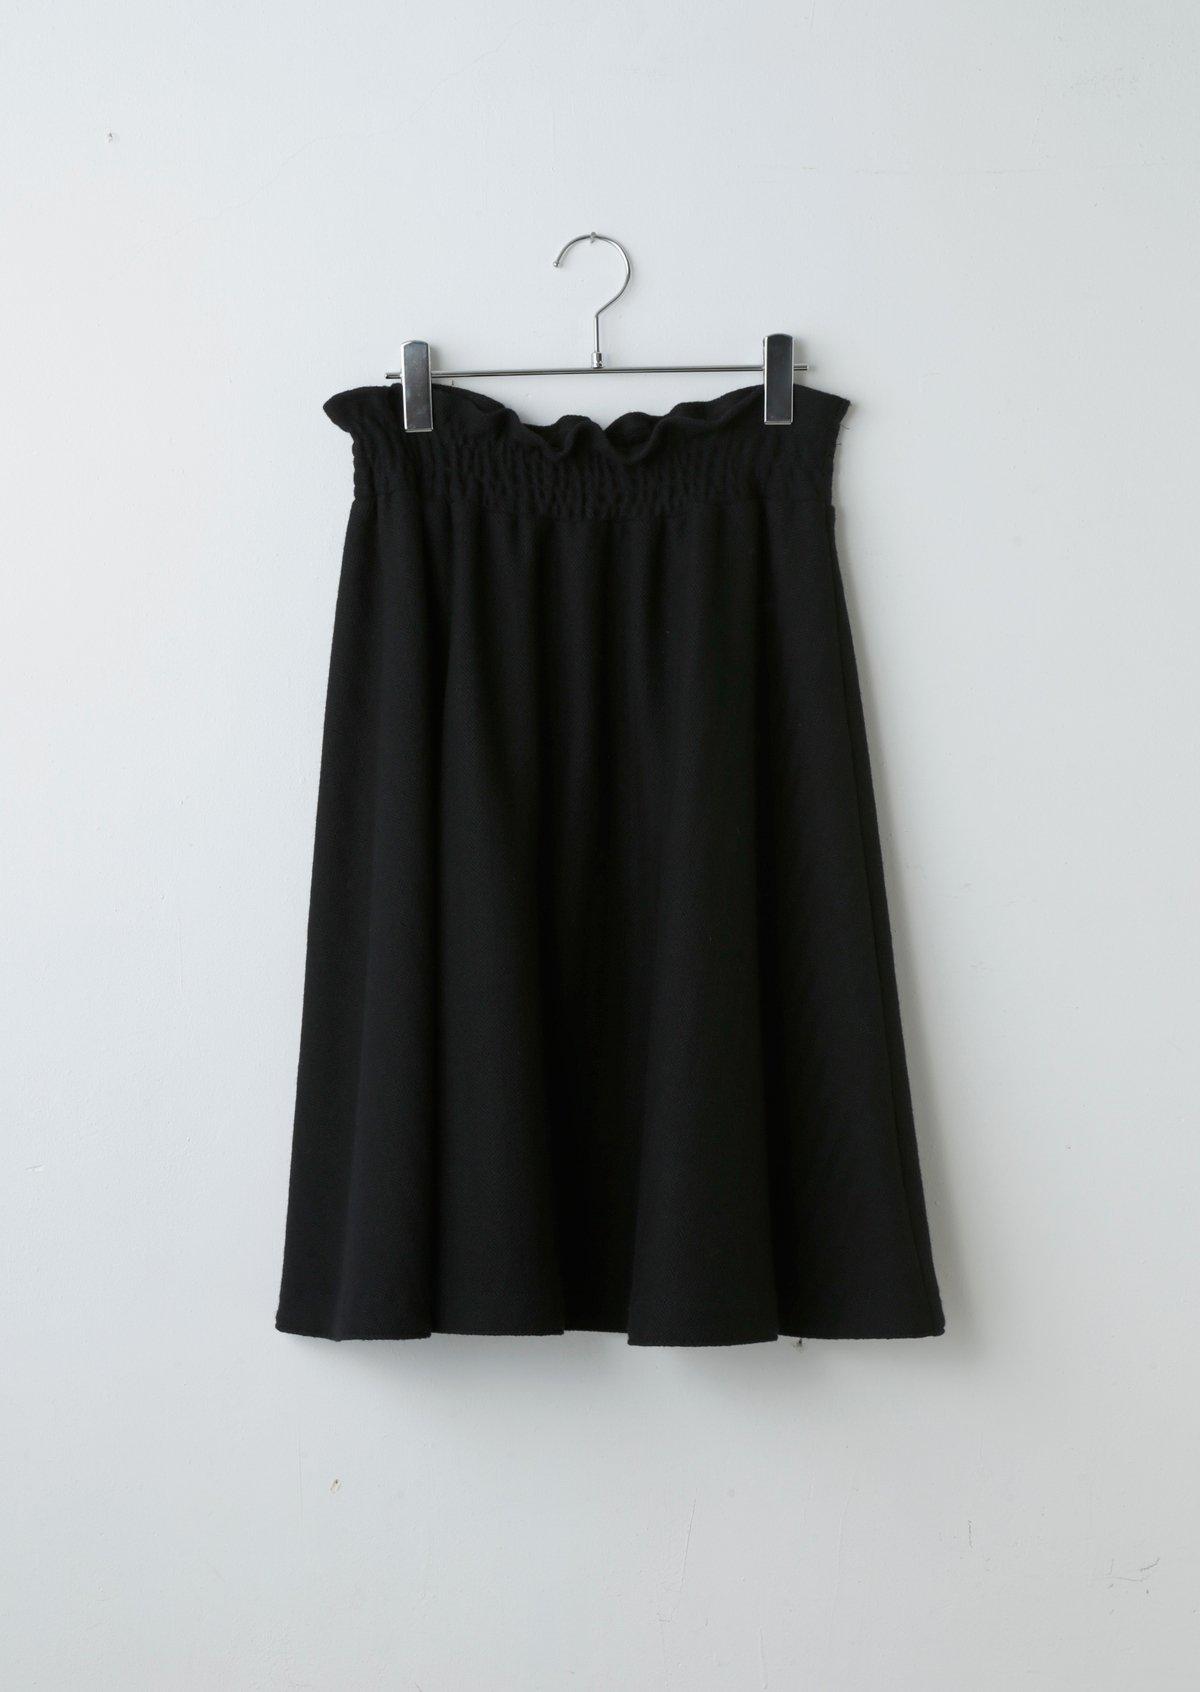 ナップスカート